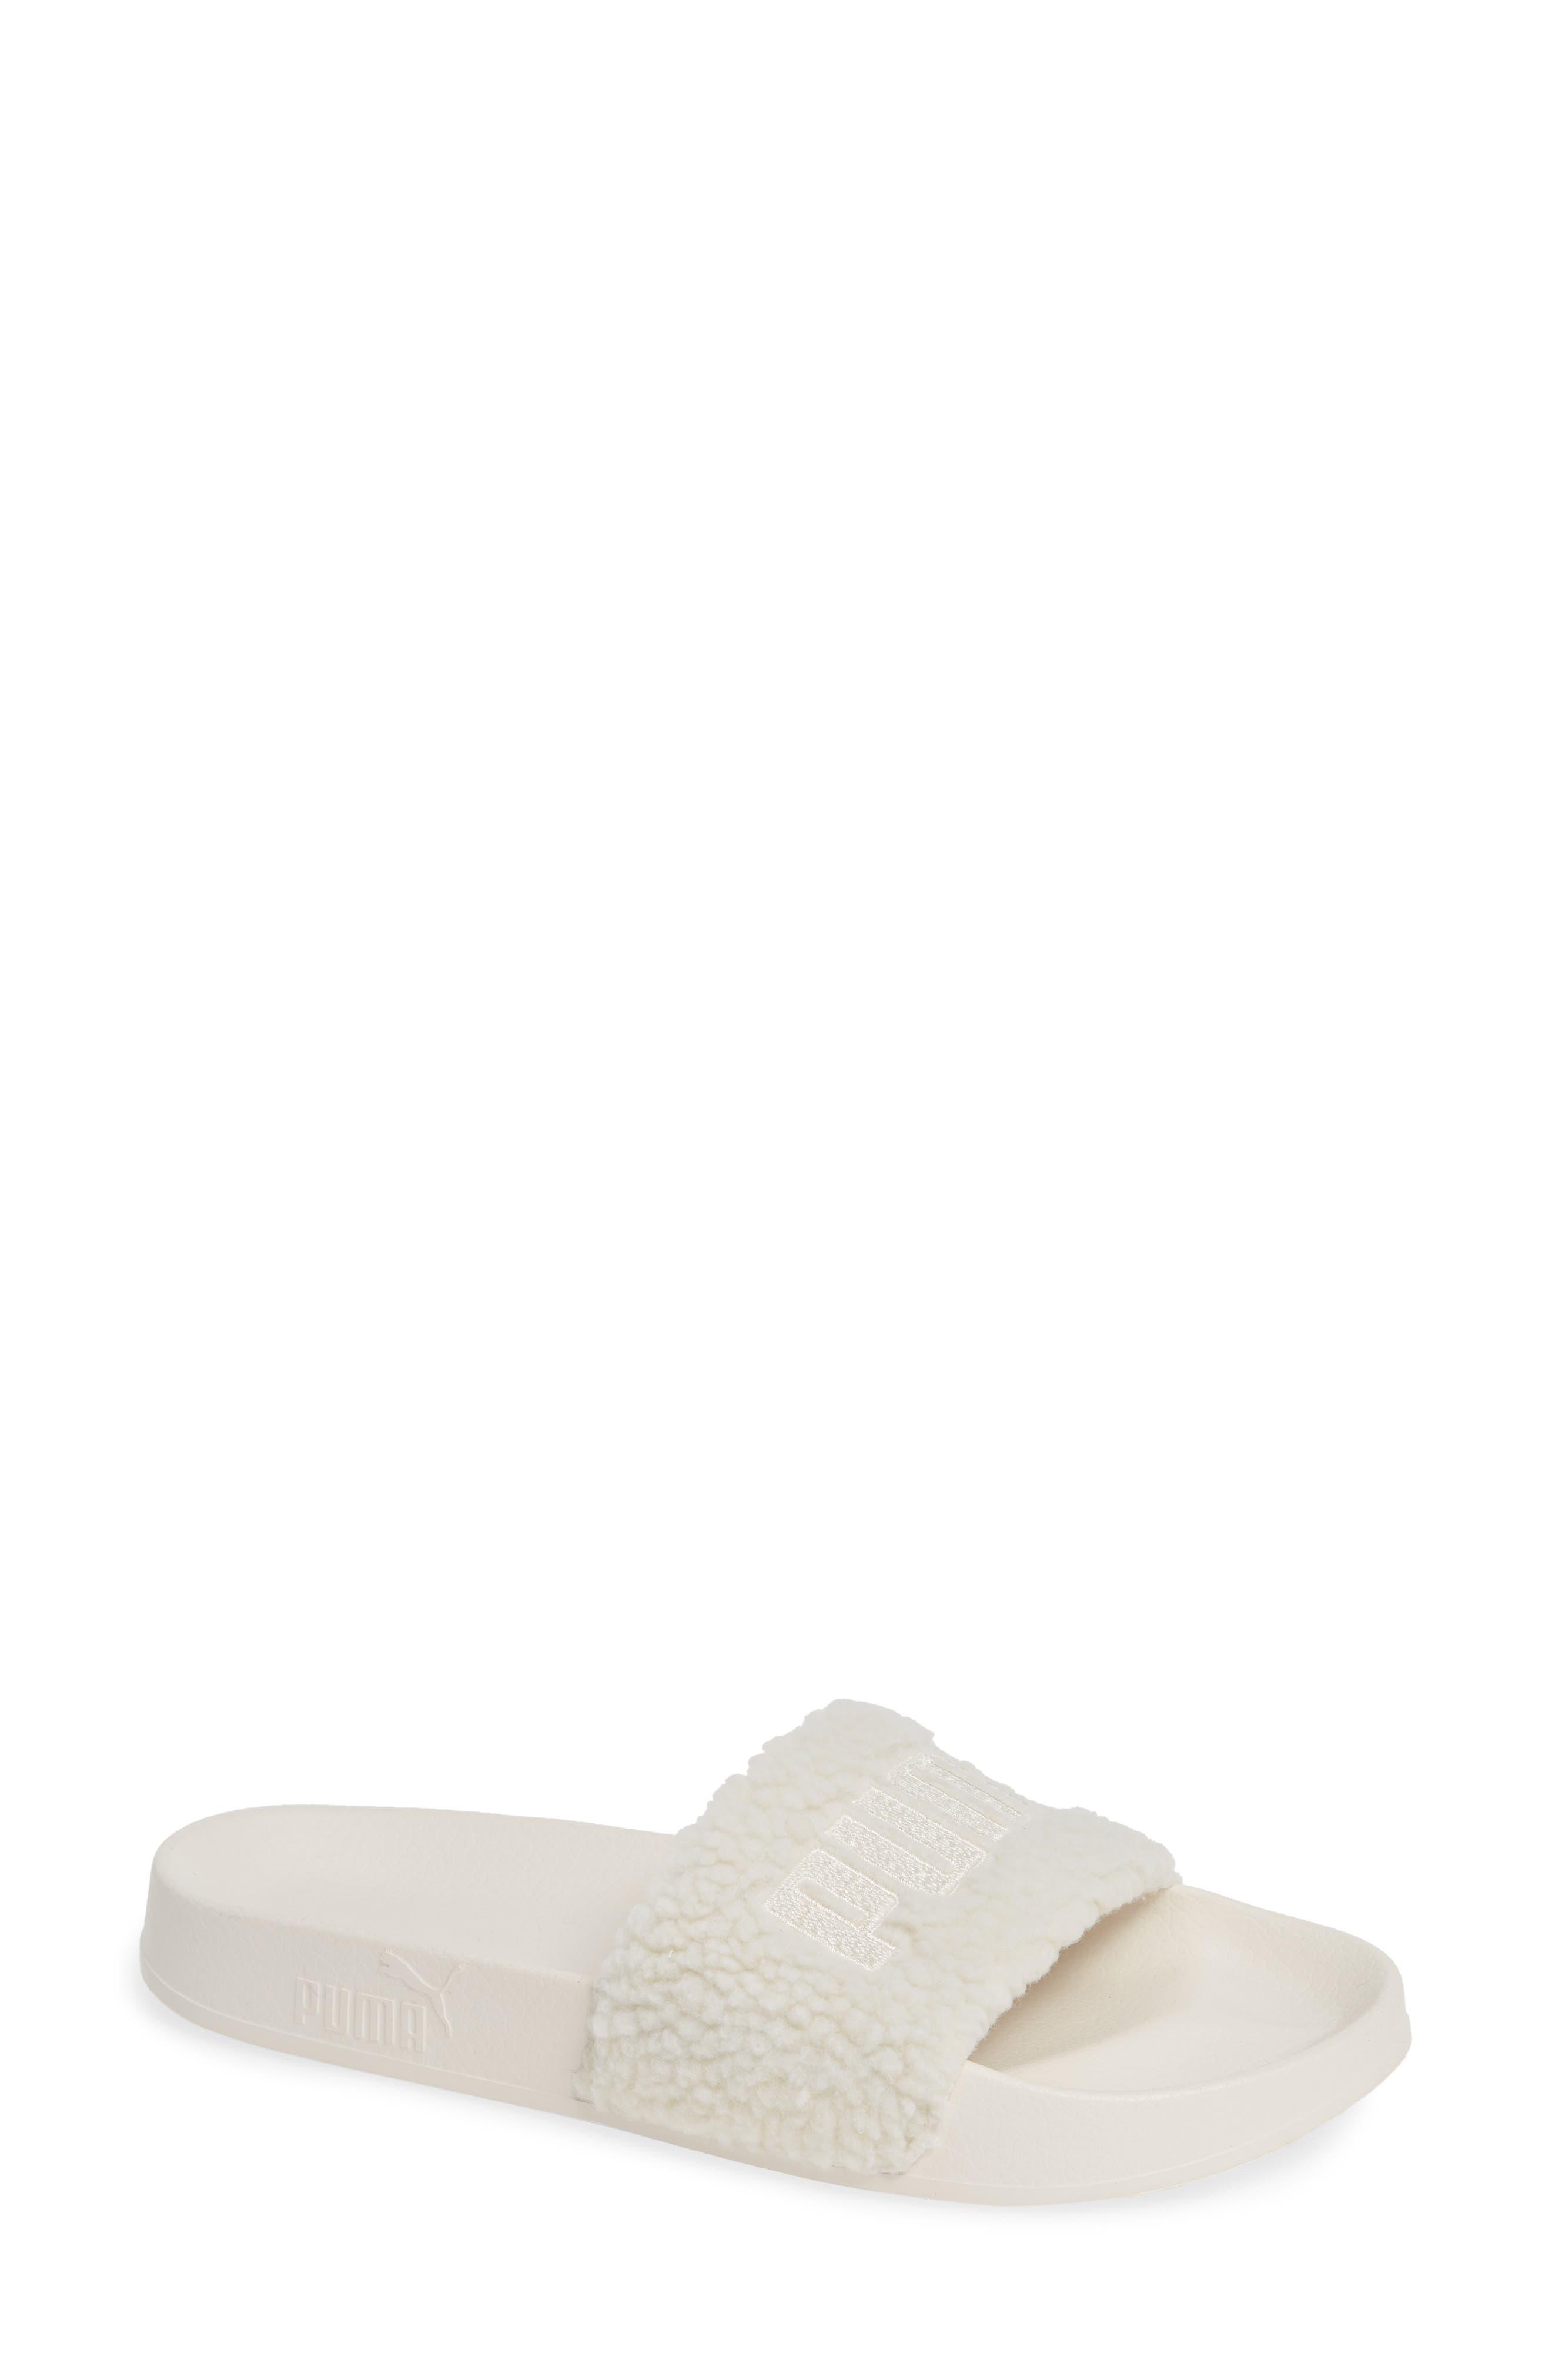 Leadcat Faux Shearling Slide Sandal,                             Main thumbnail 1, color,                             WHISPER WHITE